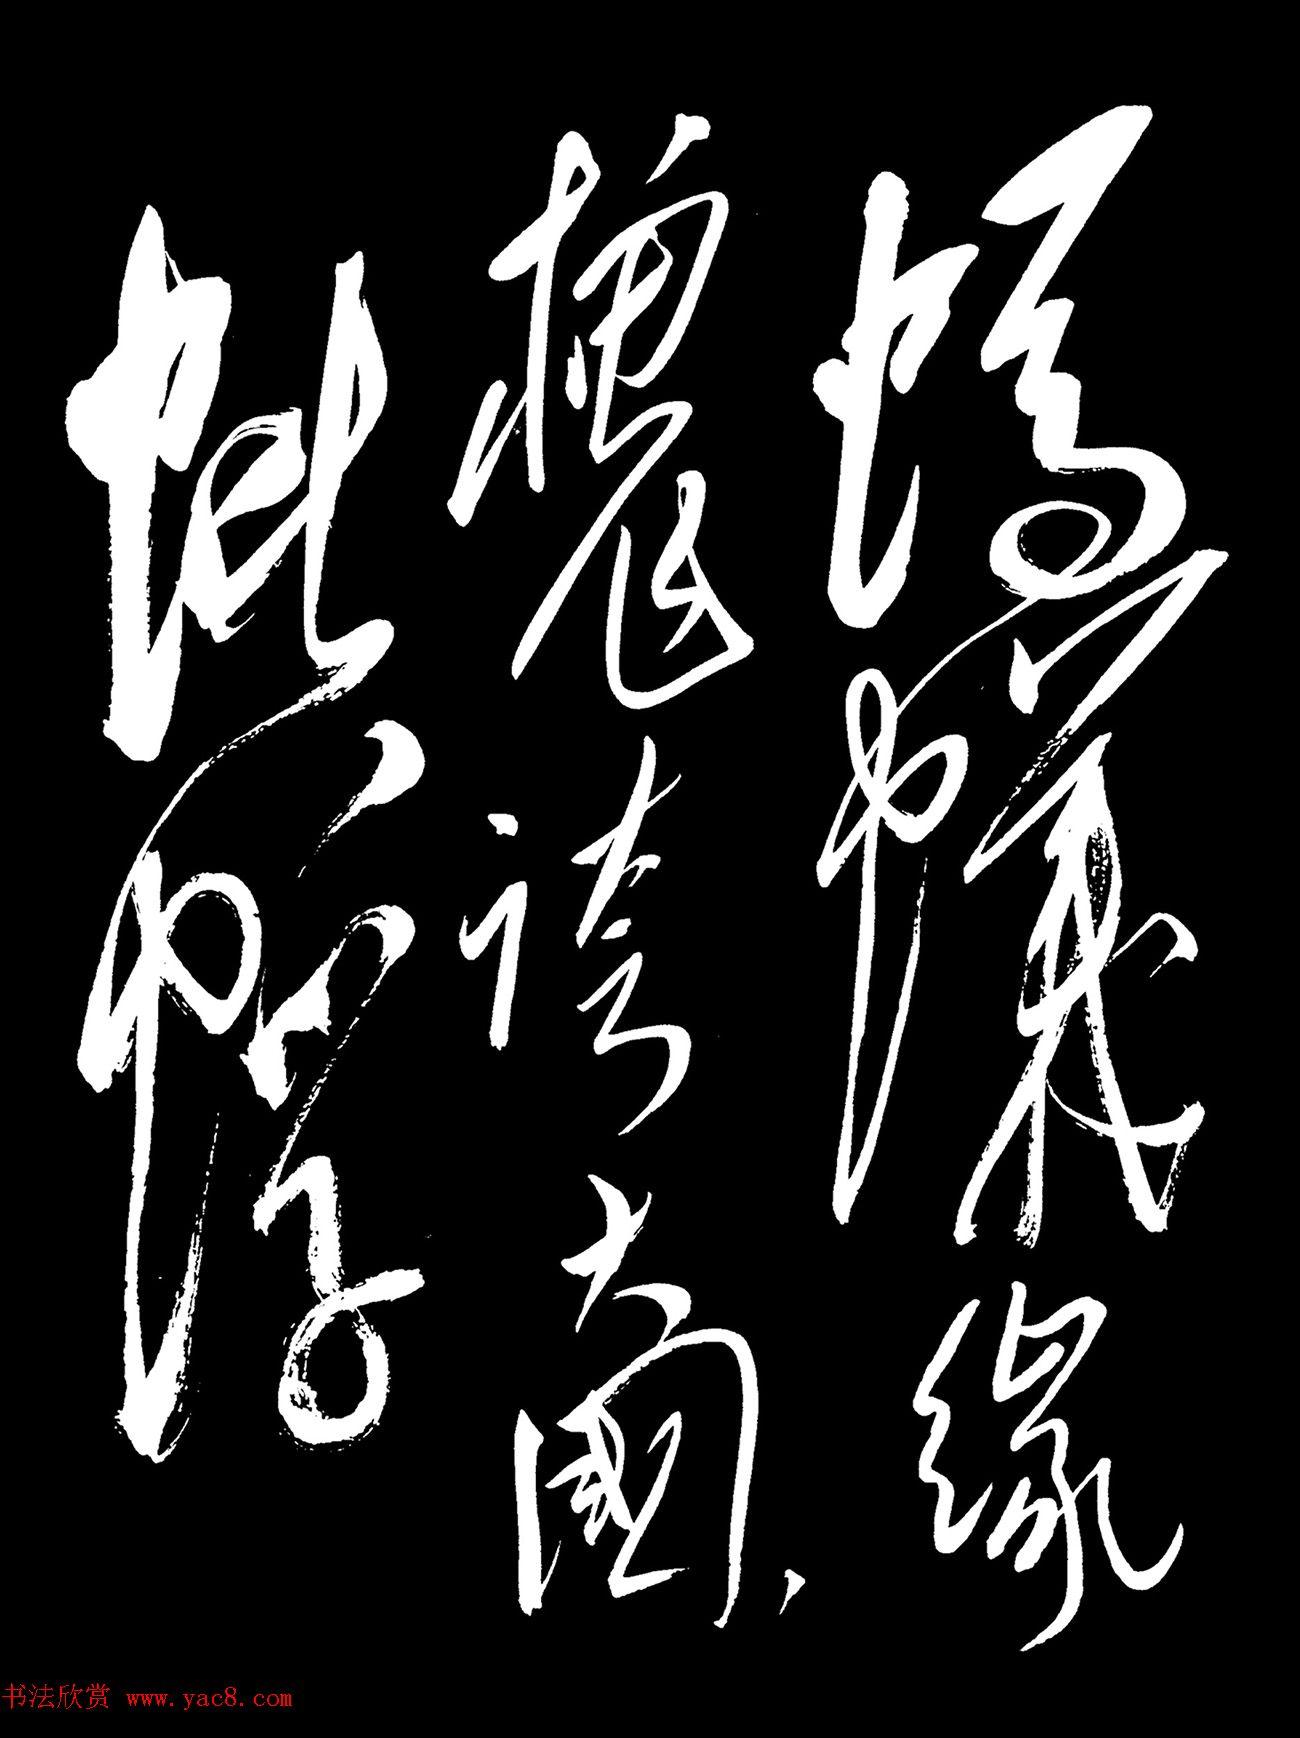 毛泽东行草书法《满江红-和郭沫若》